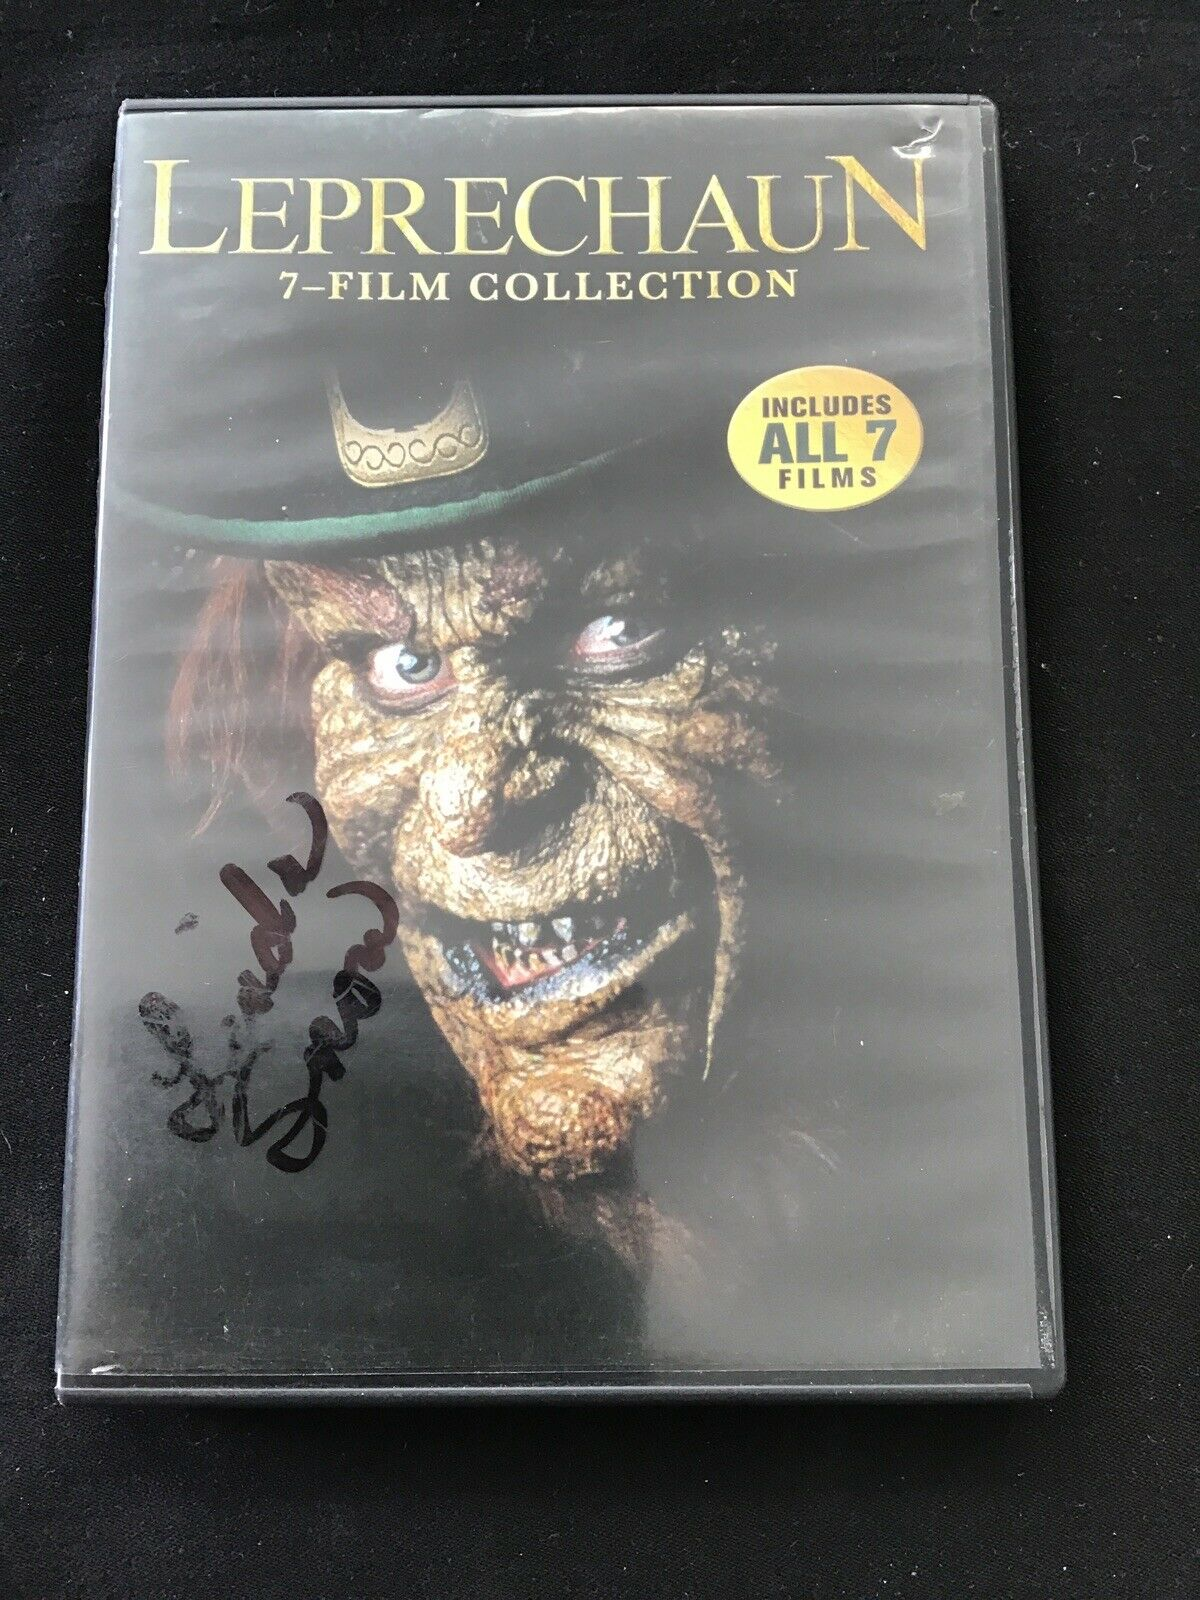 Leprechaun 7 Film Collection Dvd 2015 For Sale Online Ebay